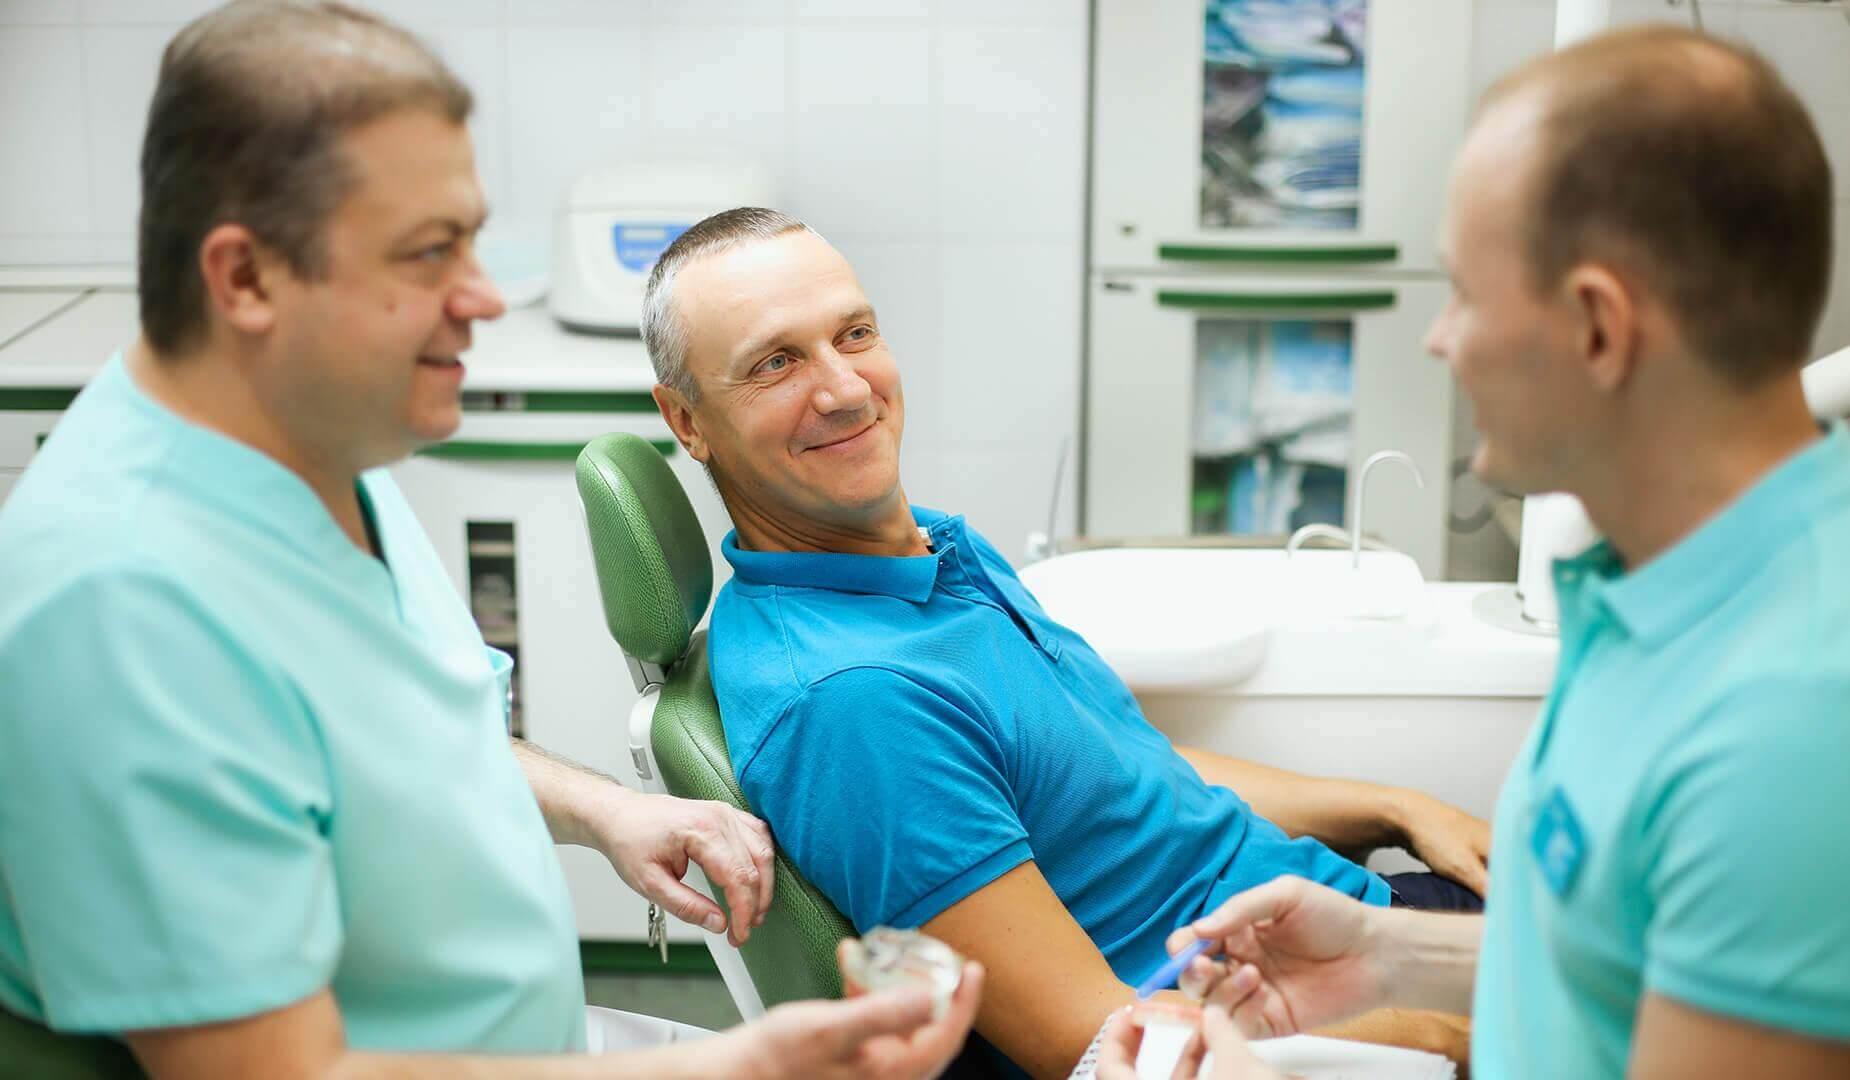 Пациенту рассказывают об особенностях процедуры